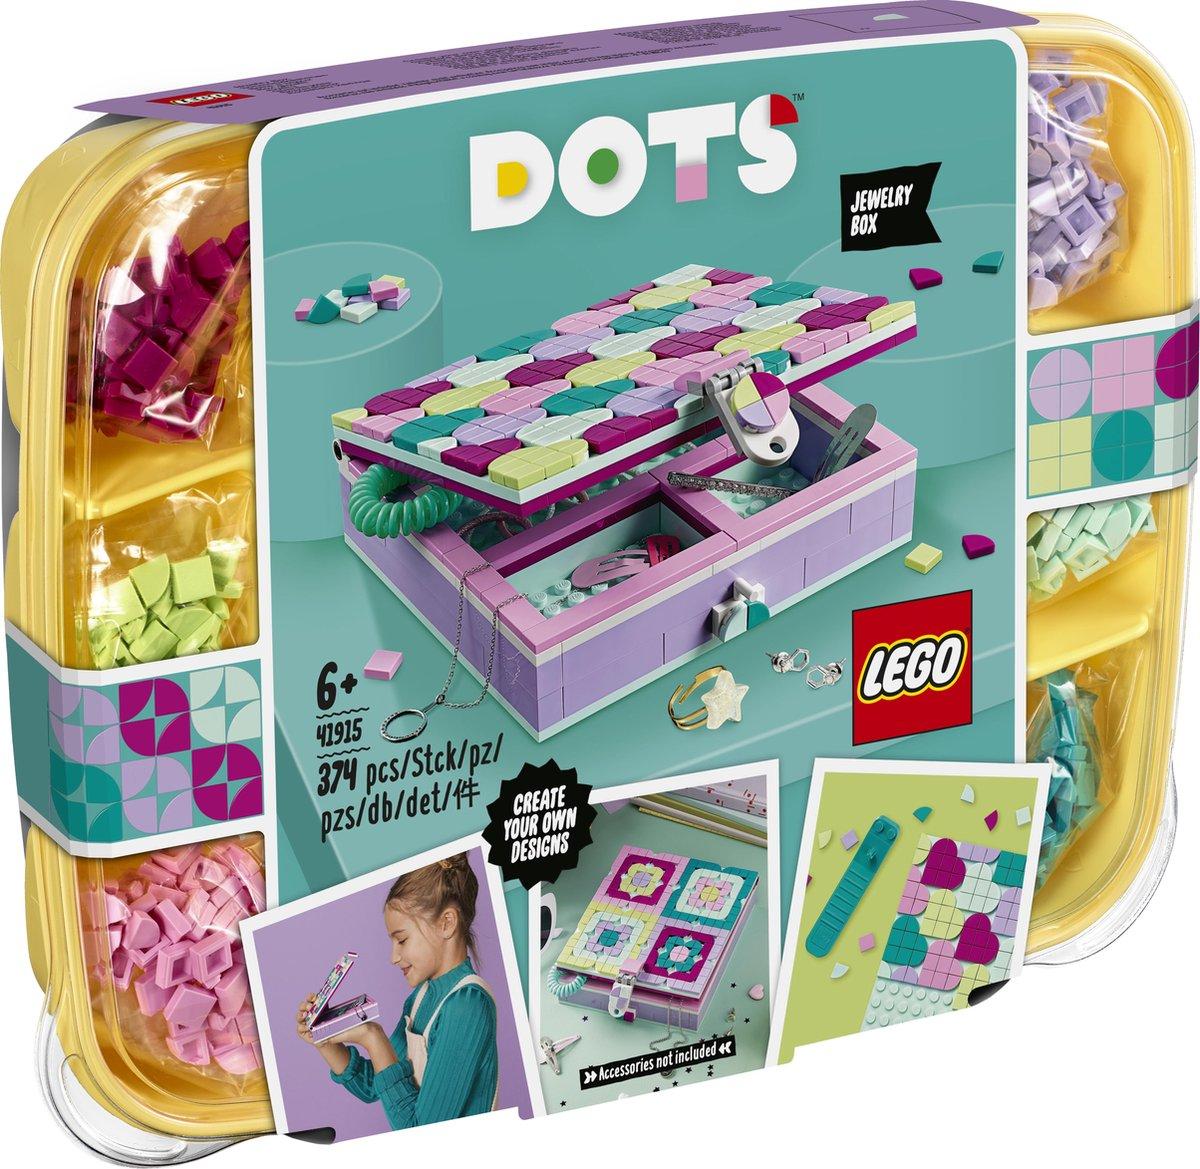 LEGO DOTS Sieradendoos - 41915